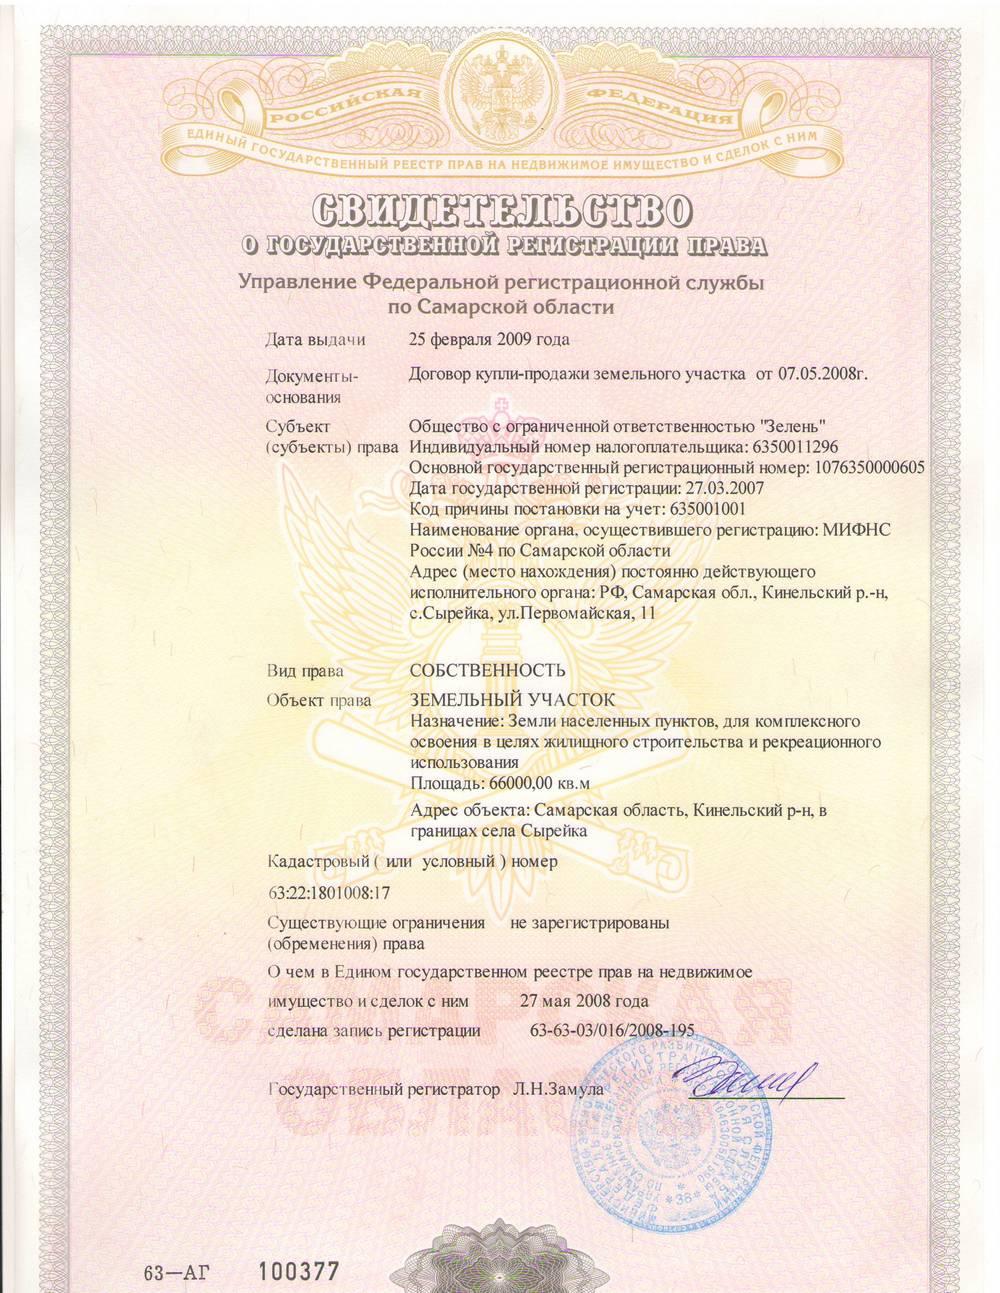 Свидетельство о государственной регистрации права на земельный участок фото